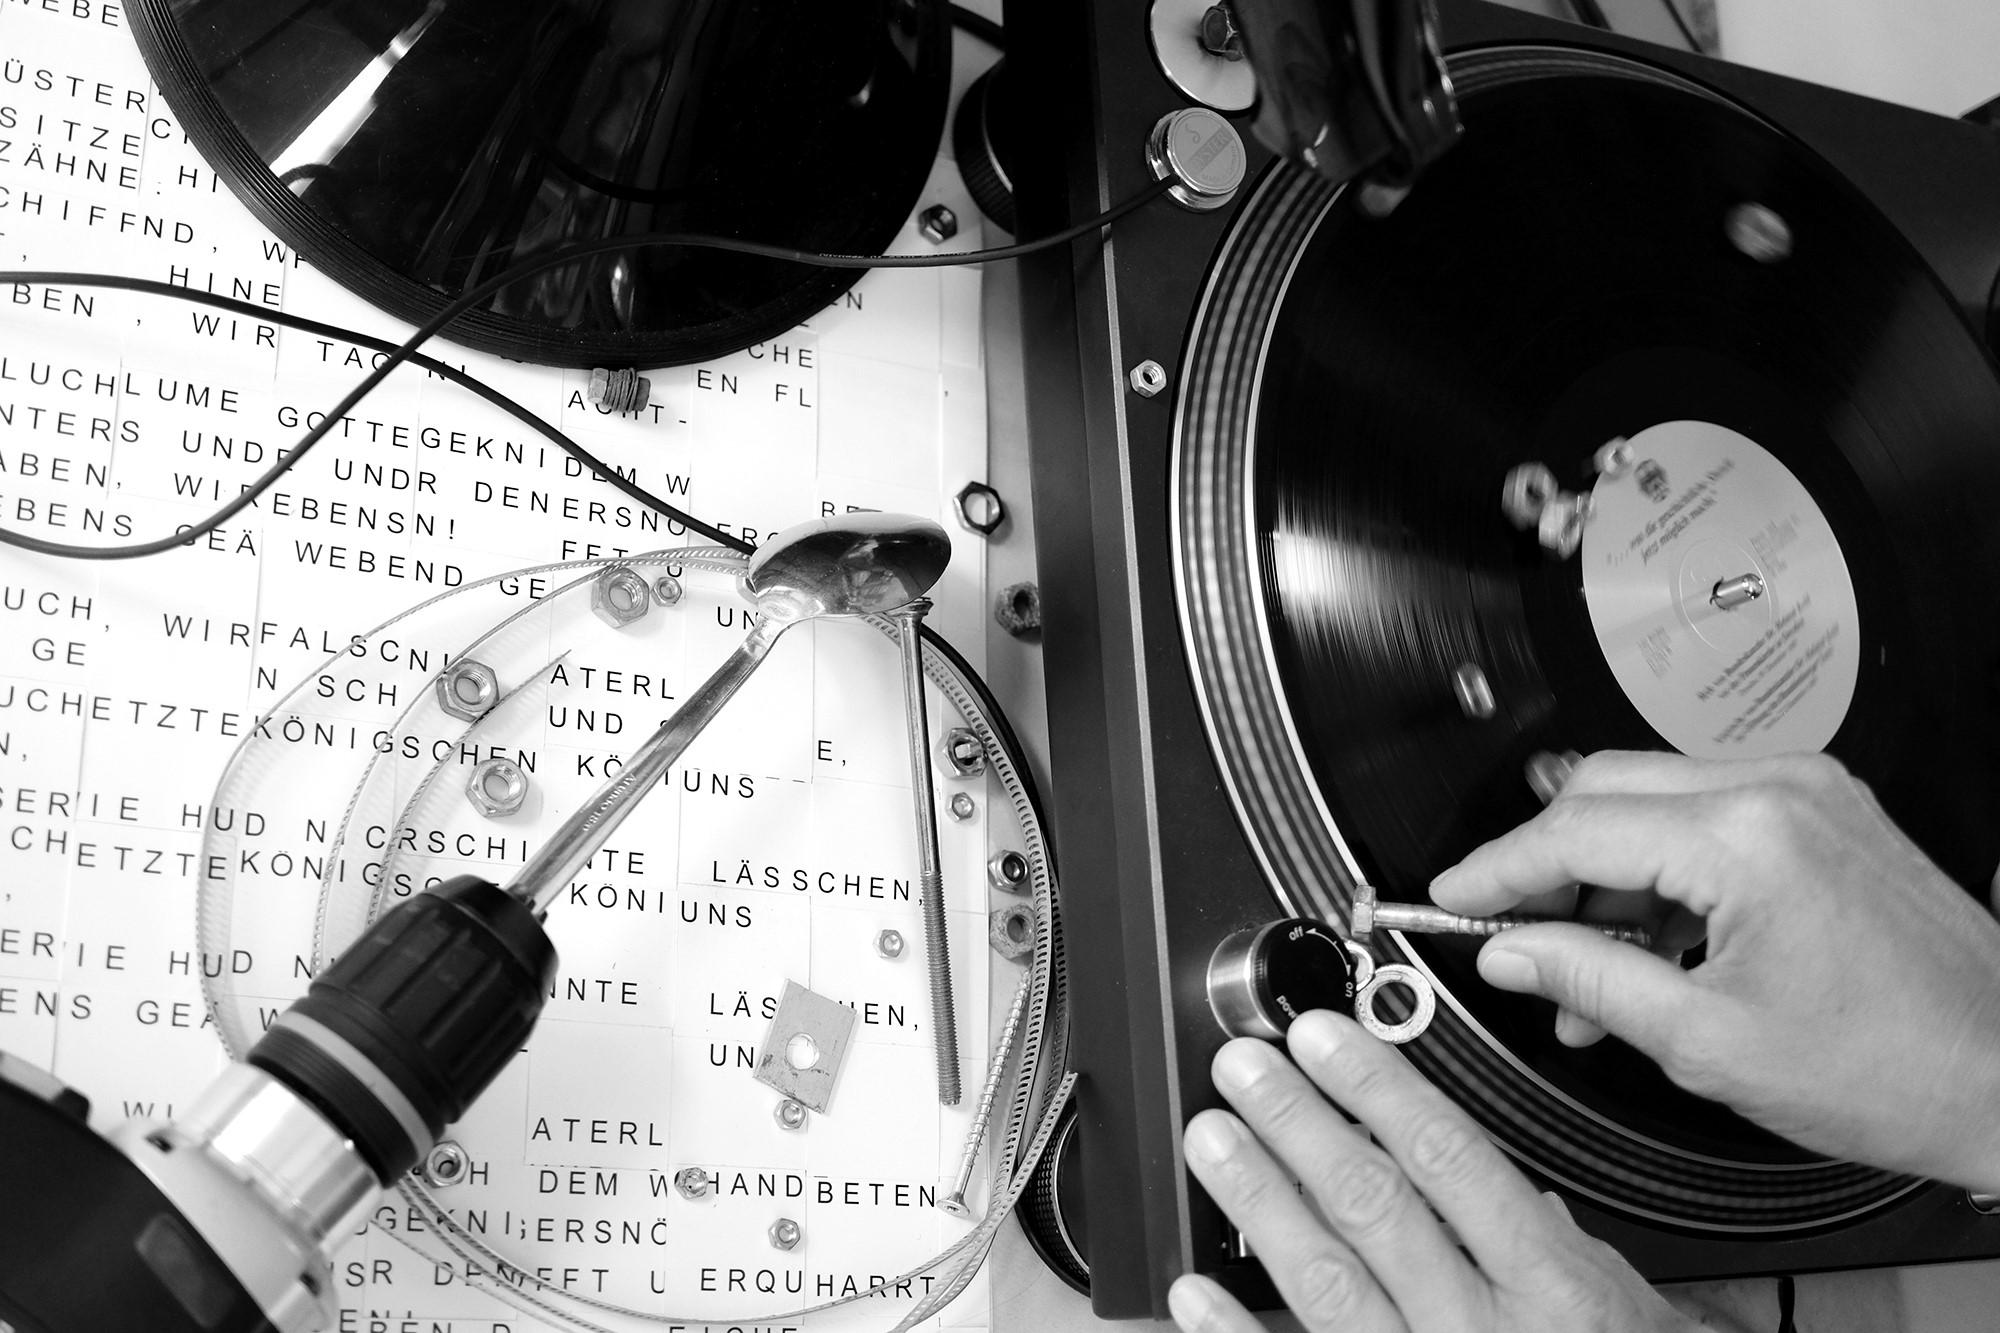 Konzert und Performance »SING MIT – SING WITH US!« Eine Elektroakustische Klangperformance unterm Schaufelradbagger 1547 – 11.09.2021, 17.00 Uhr